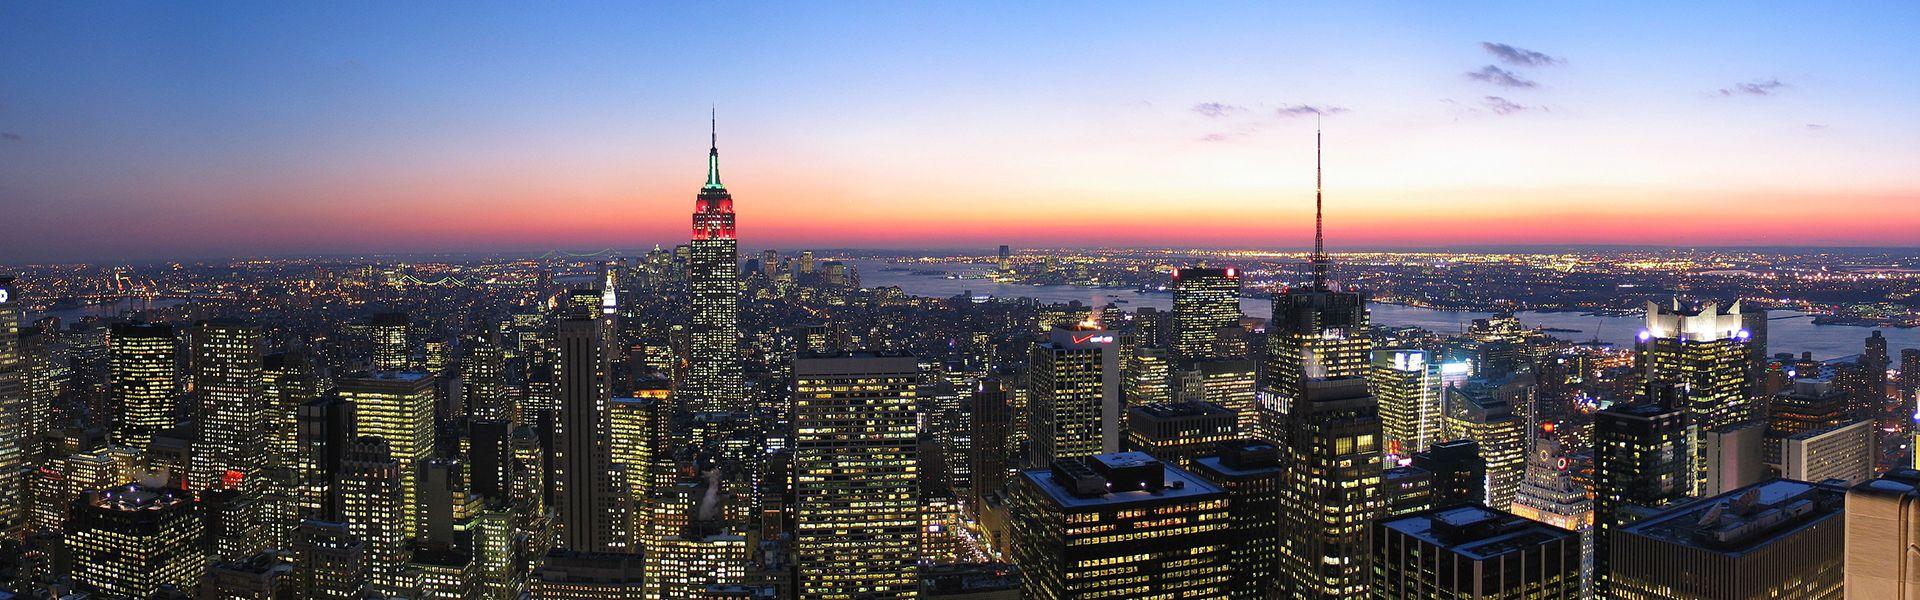 New York forever